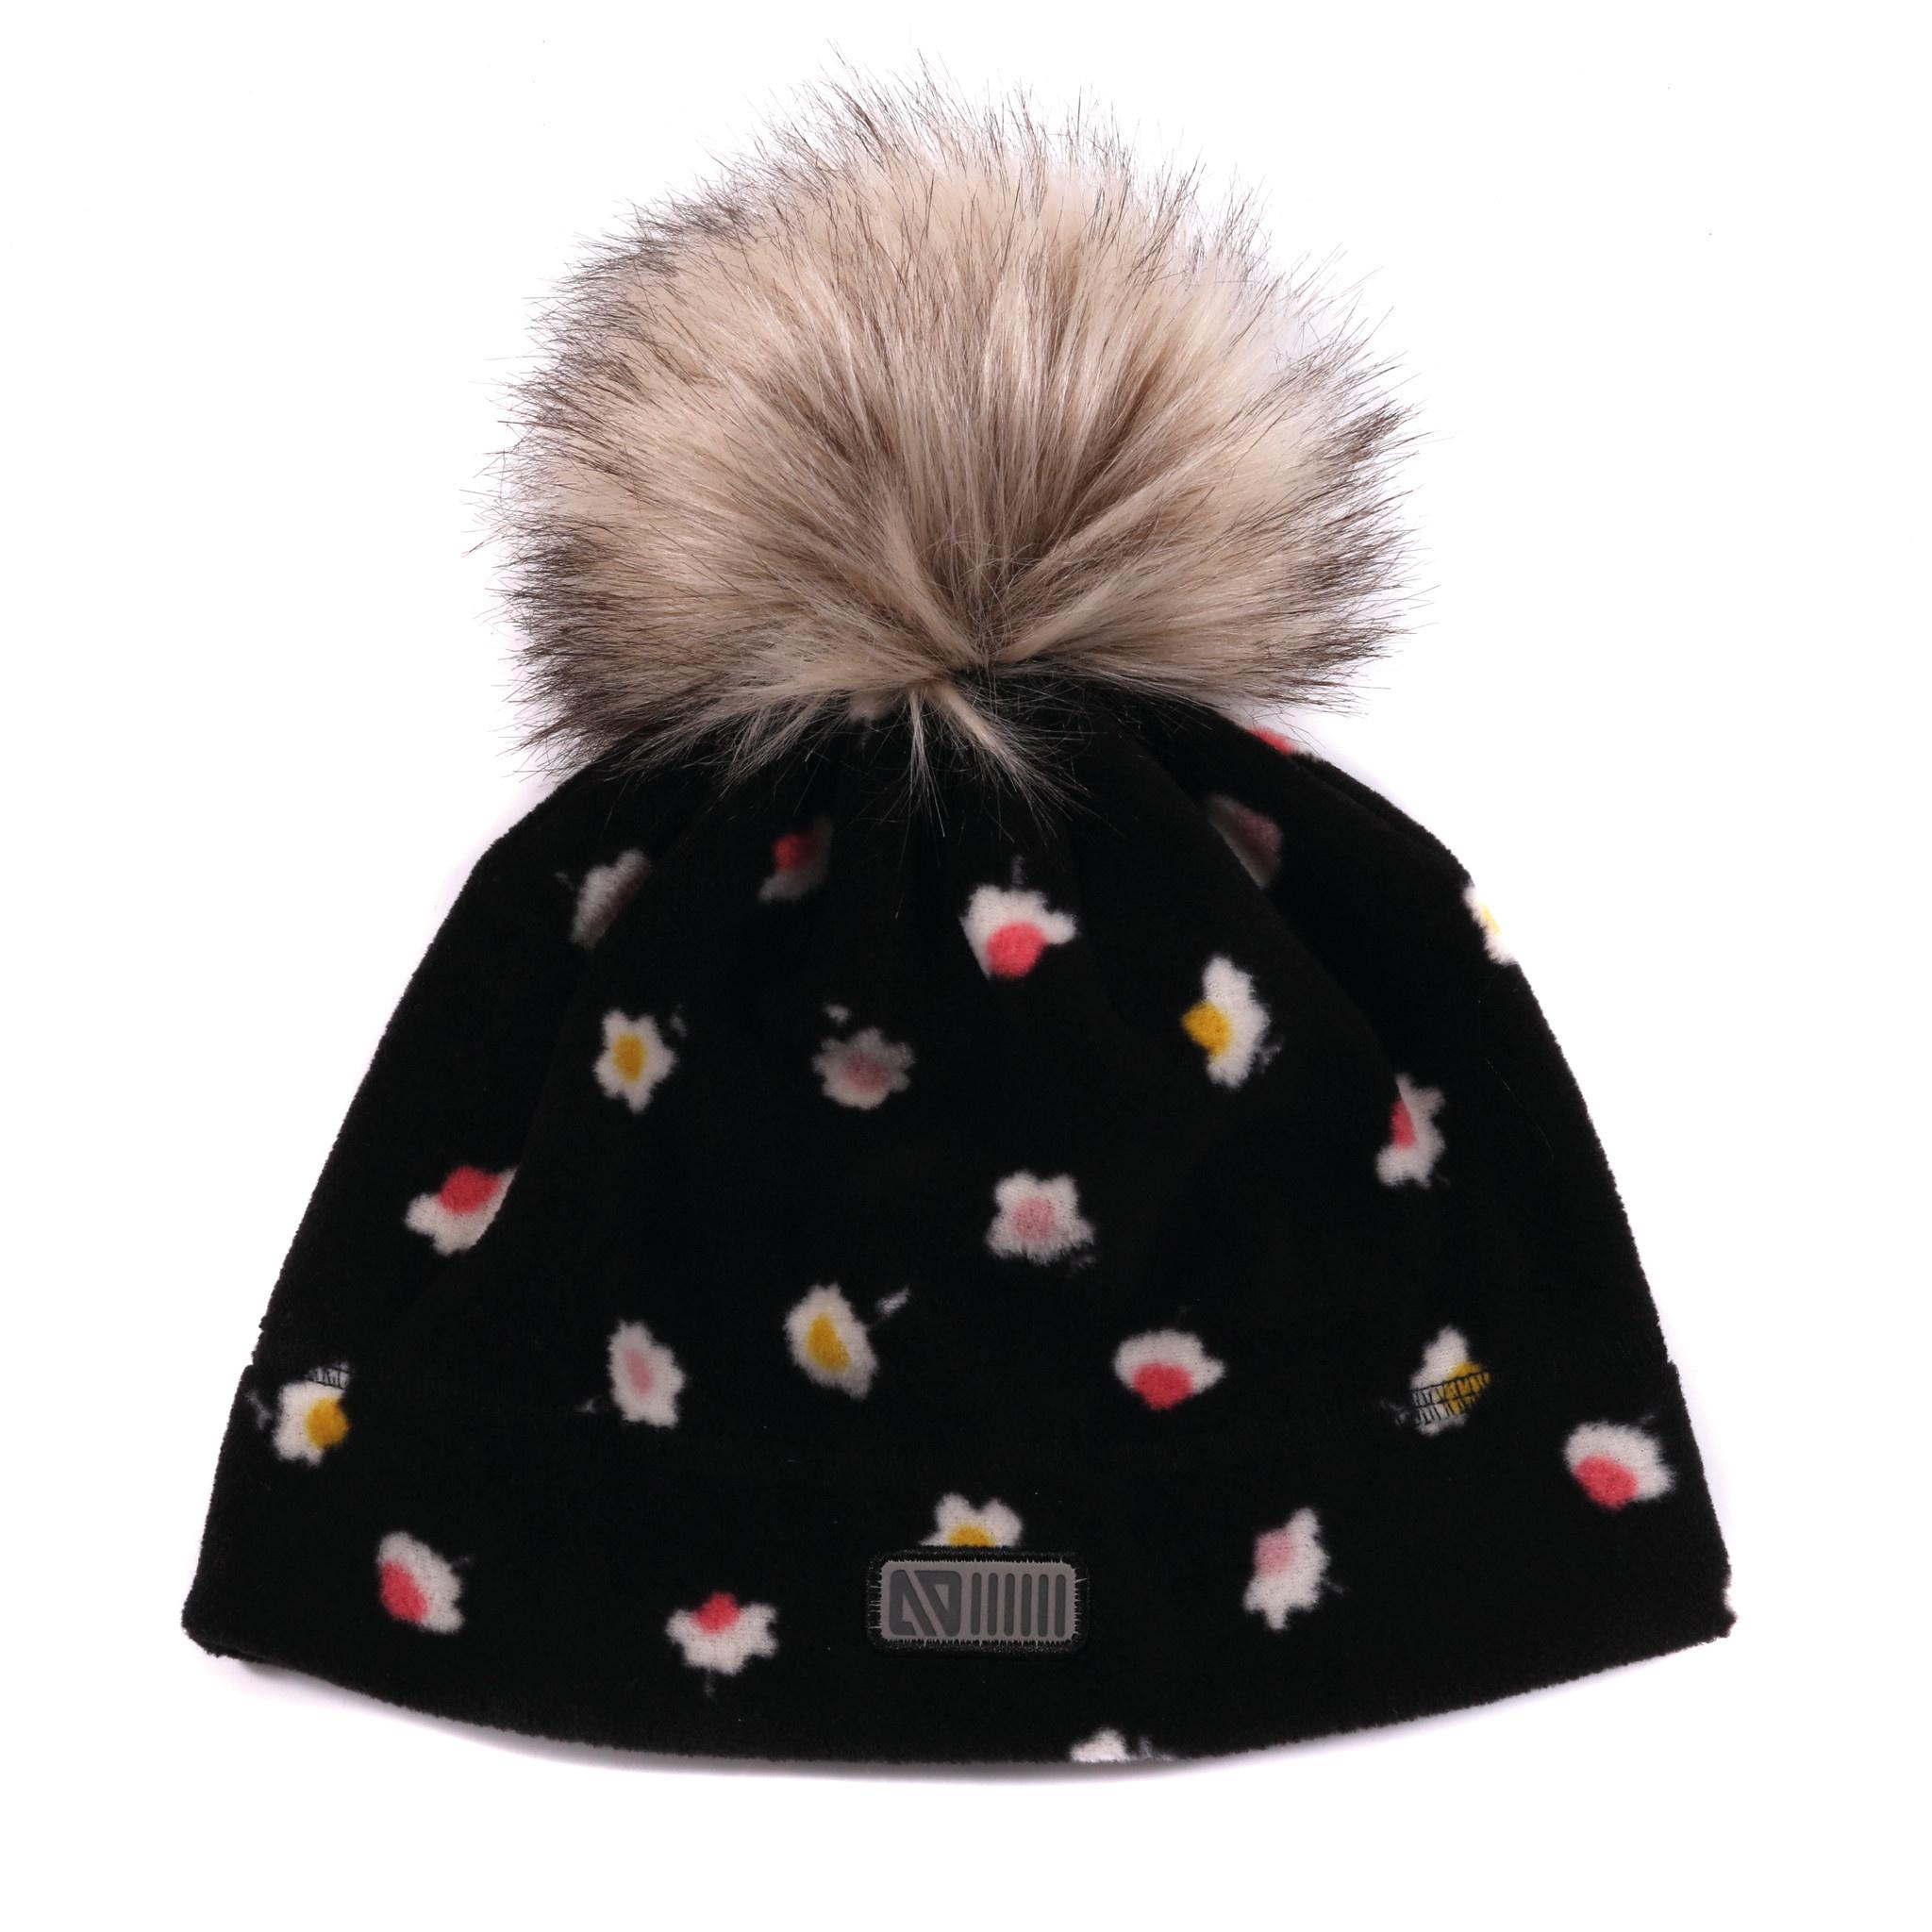 Tuque en polar avec oreilles Noire Fleurs-2